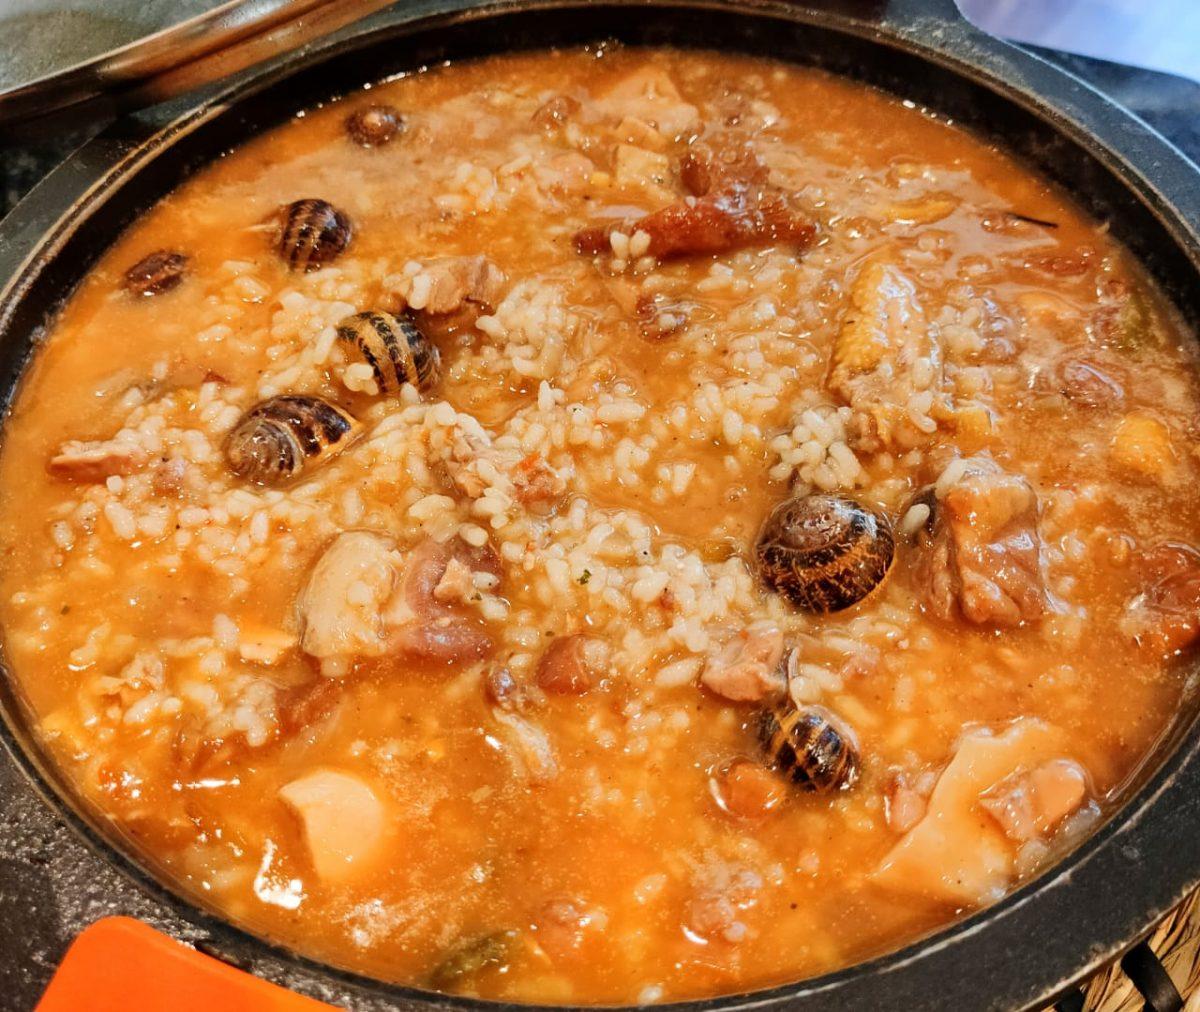 Borda Xixerella – Restaurant de cuina Andorrana, Mediterrània, Internacional i Espanyola plats elaborats amb el saber fer de les antigues receptes de la millor cuina de muntanya Bordes típiques Andorranes La tradició i la gastronomia s'uneixen per oferir-vos un servei de qualitat i una exquisida cuina de muntanya. Visiteu les bordes d'Andorra, i en especial la Borda Xixerella i tasteu els plats més típics i tradicionals de la gastronomia Andorrana. Restaurant de cuina Andorrana, mediterrània, internacional i Espanyola plats elaborats amb el saber fer de les antigues receptes de la millor cuina de muntanya.